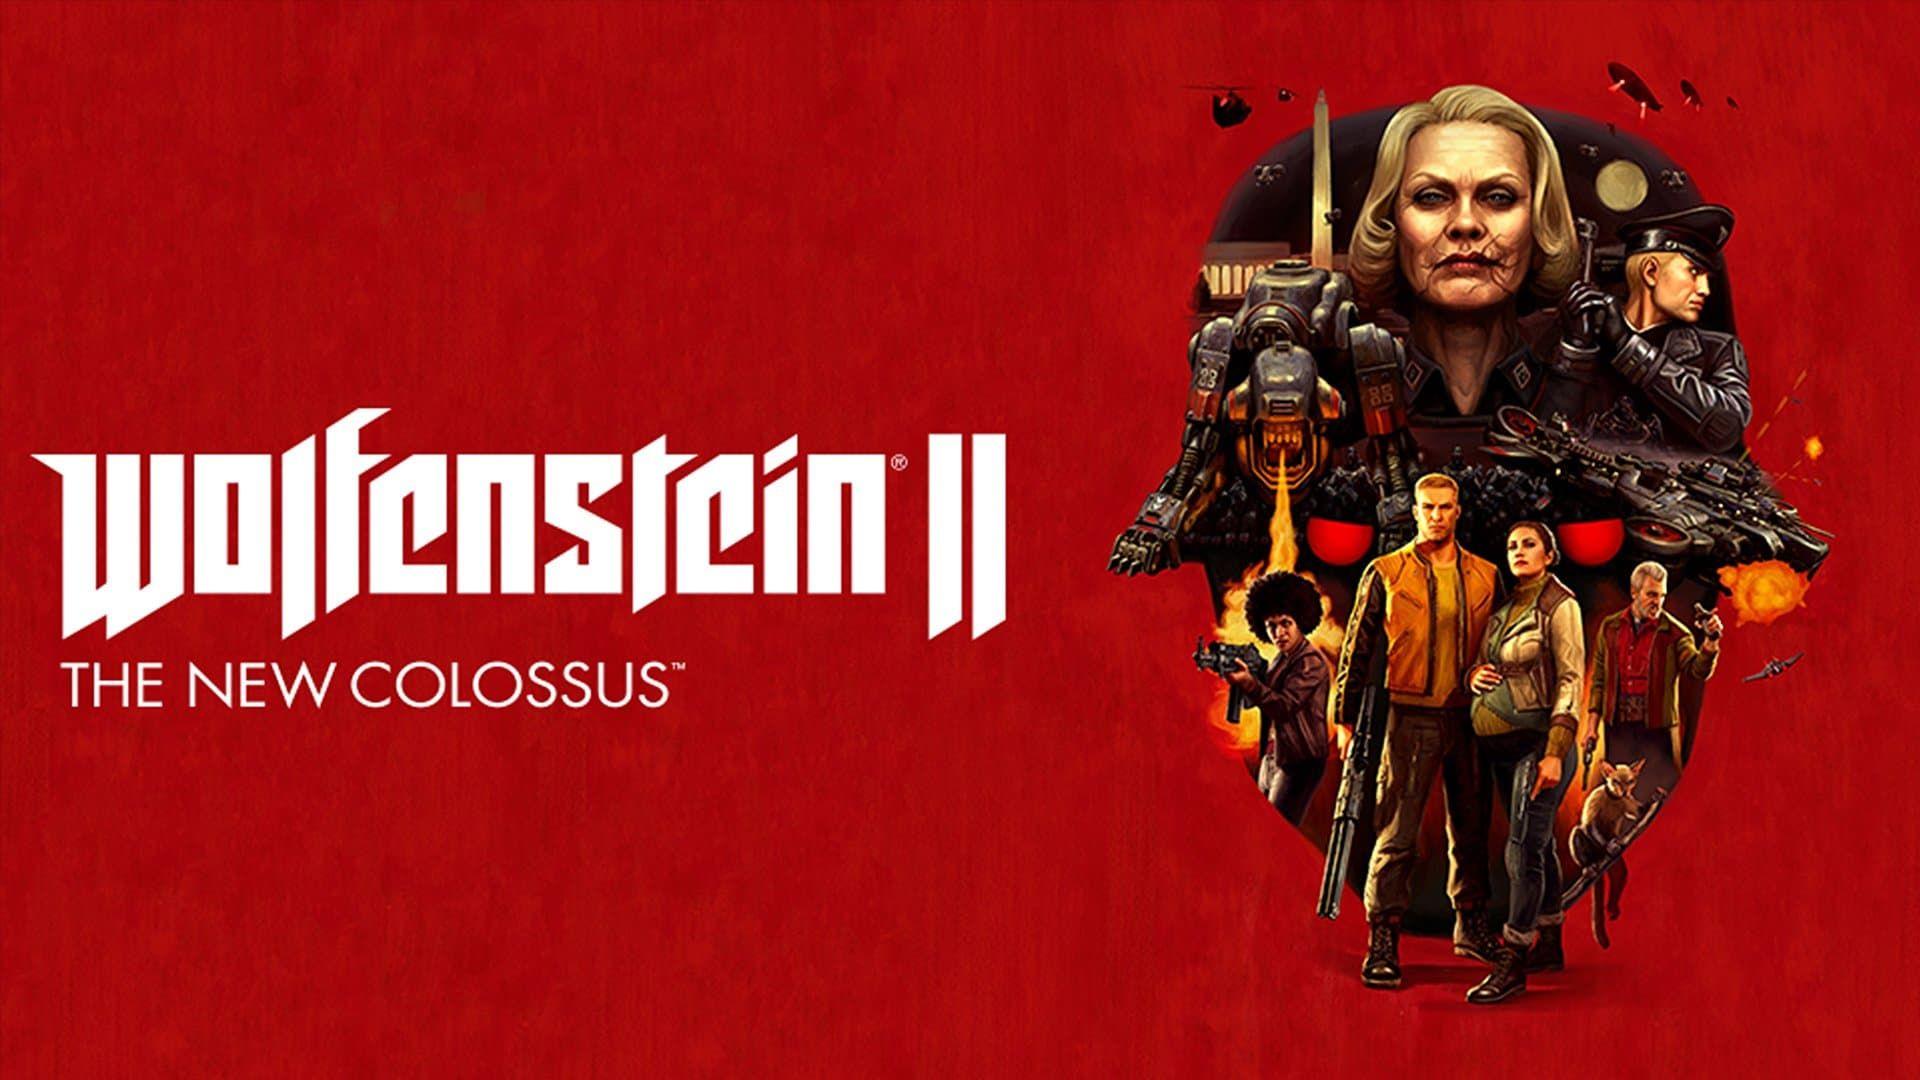 Wolfenstein II patched comparison footage | NintendoReportersEN